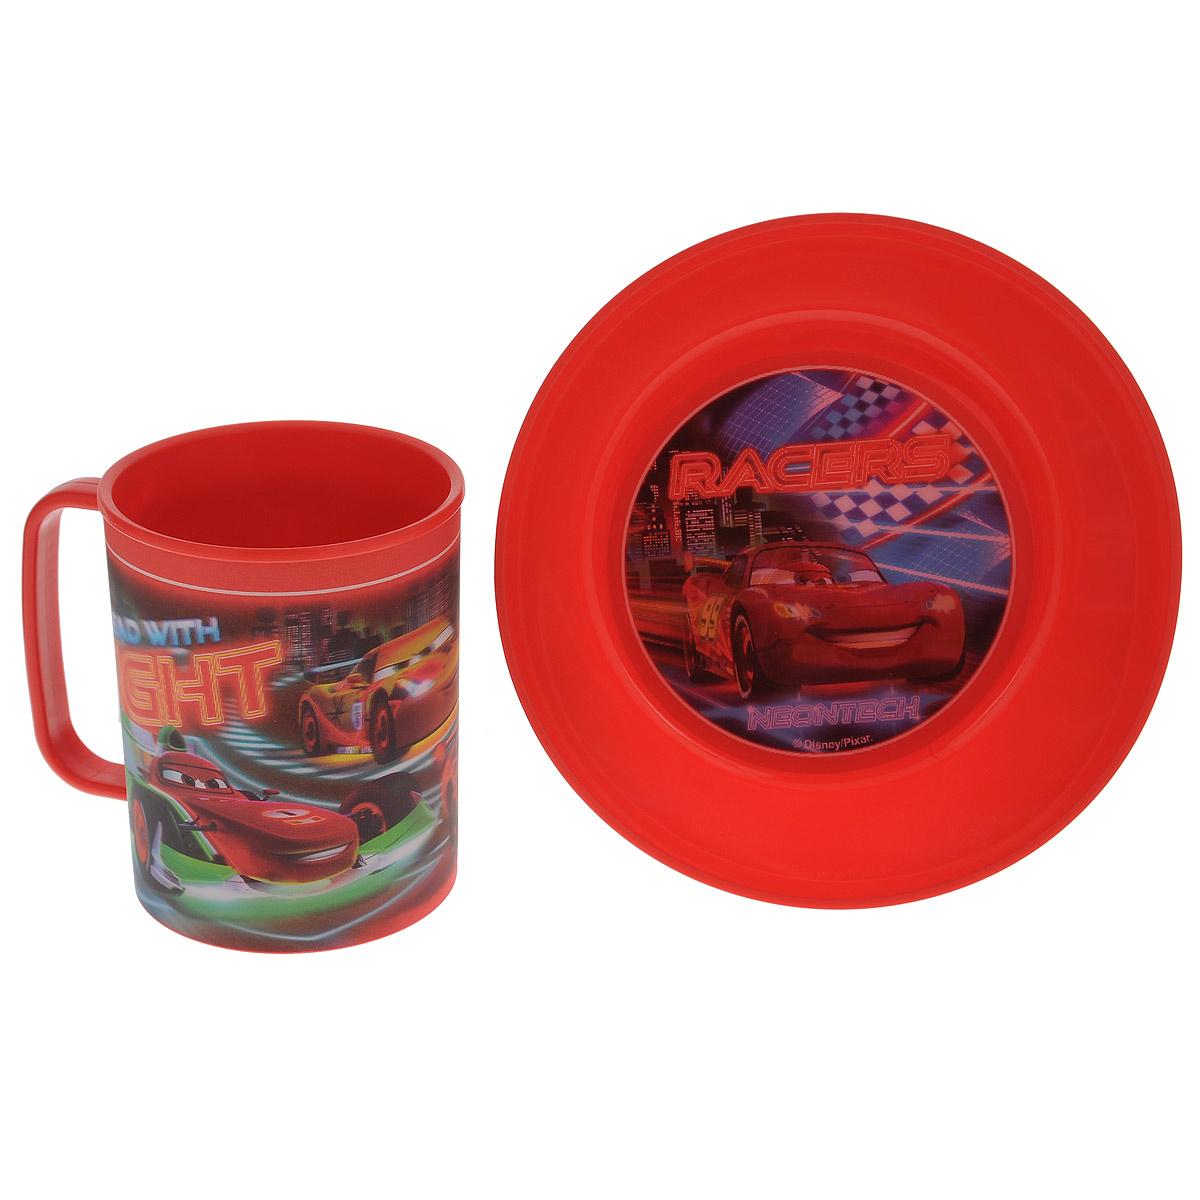 """Набор детской посуды Disney """"Тачки"""" состоит из кружки и тарелки. Посуда, выполненная из пищевого пластика, оформлена изображениями героев популярного мультфильма """"Тачки"""". Рисунки находятся под слоем прозрачного структурного пластика (линзы), создающего эффект объемного изображения, как в 3D кино, и исключающего попадание краски в жидкость. Небьющаяся посуда, красивая, легкая и удобная в уходе, прекрасно выдерживает горячую пищу. Ваш малыш с удовольствием будет кушать вместе с любимыми героями. Объем кружки: 325 мл. Диаметр тарелки: 15 см. Высота тарелки: 5 см."""